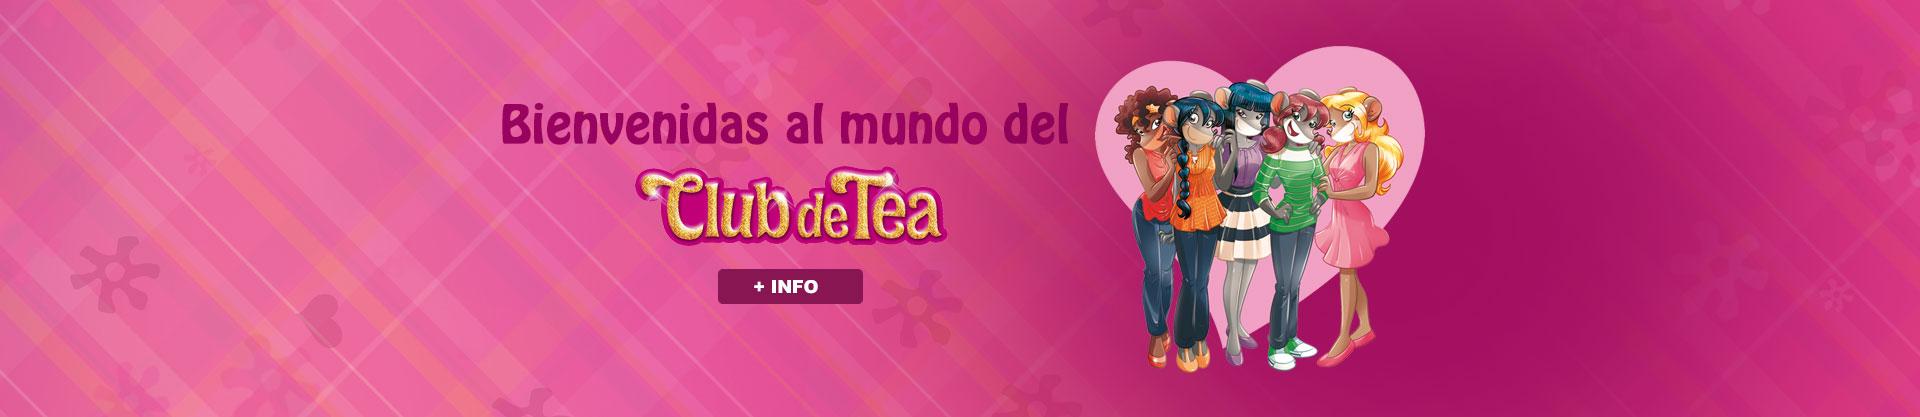 Bienvenidas al mundo del Club de Tea